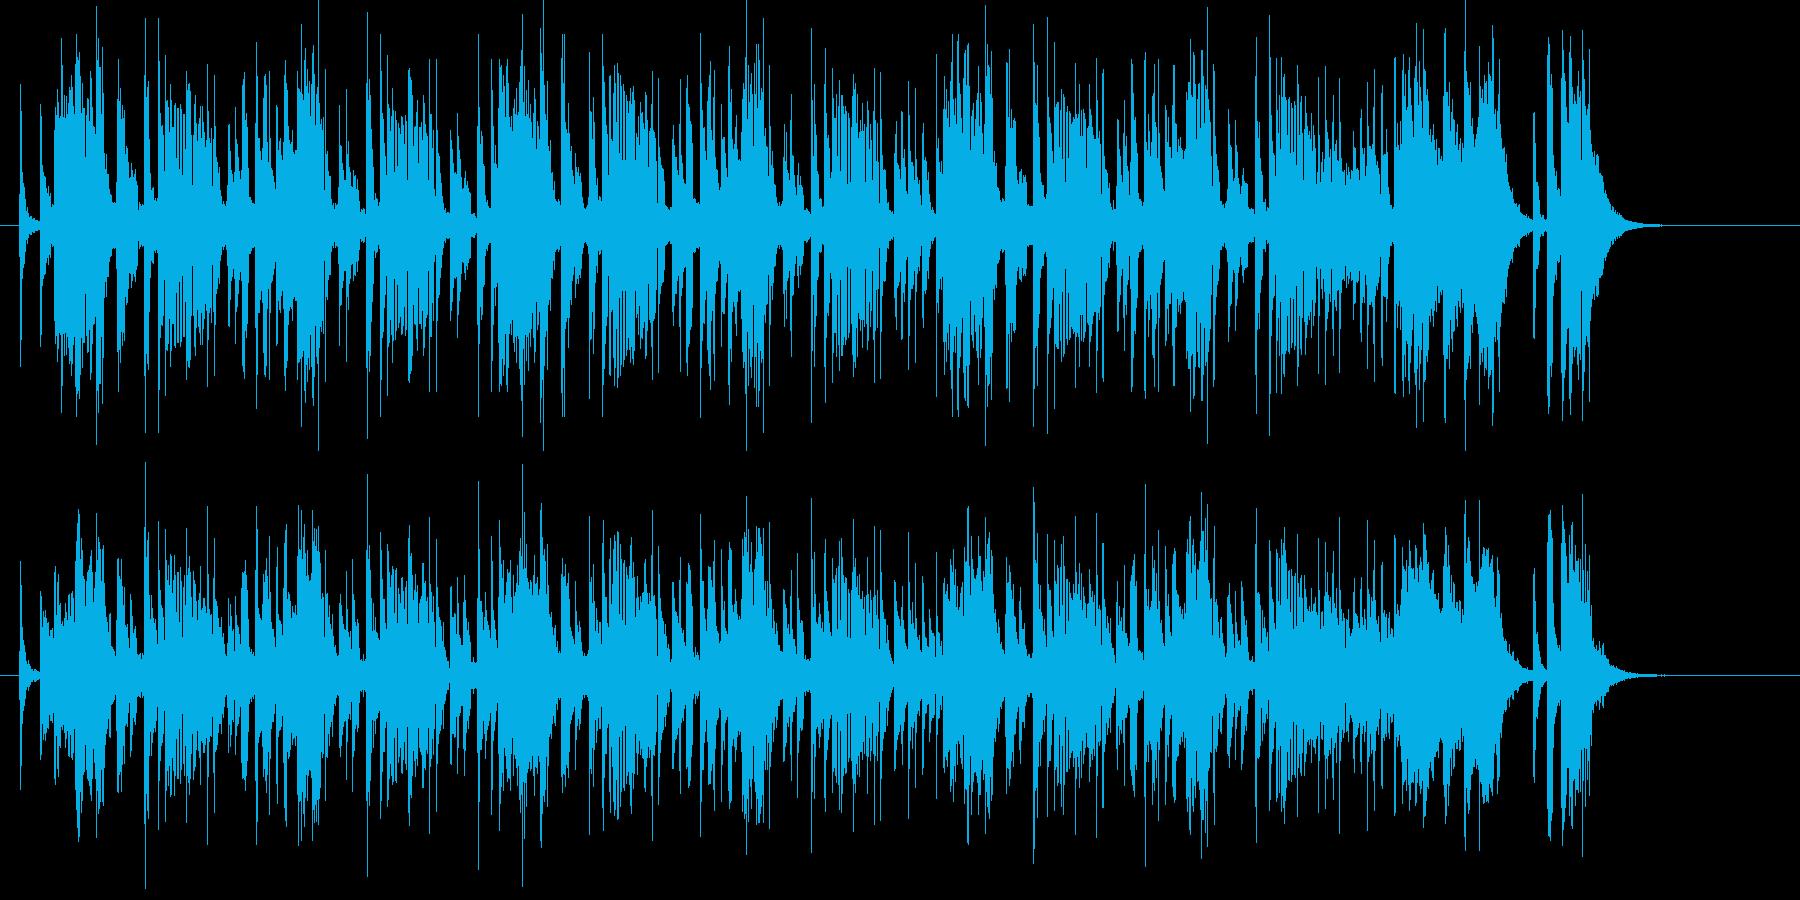 アップテンポでコミカルな音楽の再生済みの波形